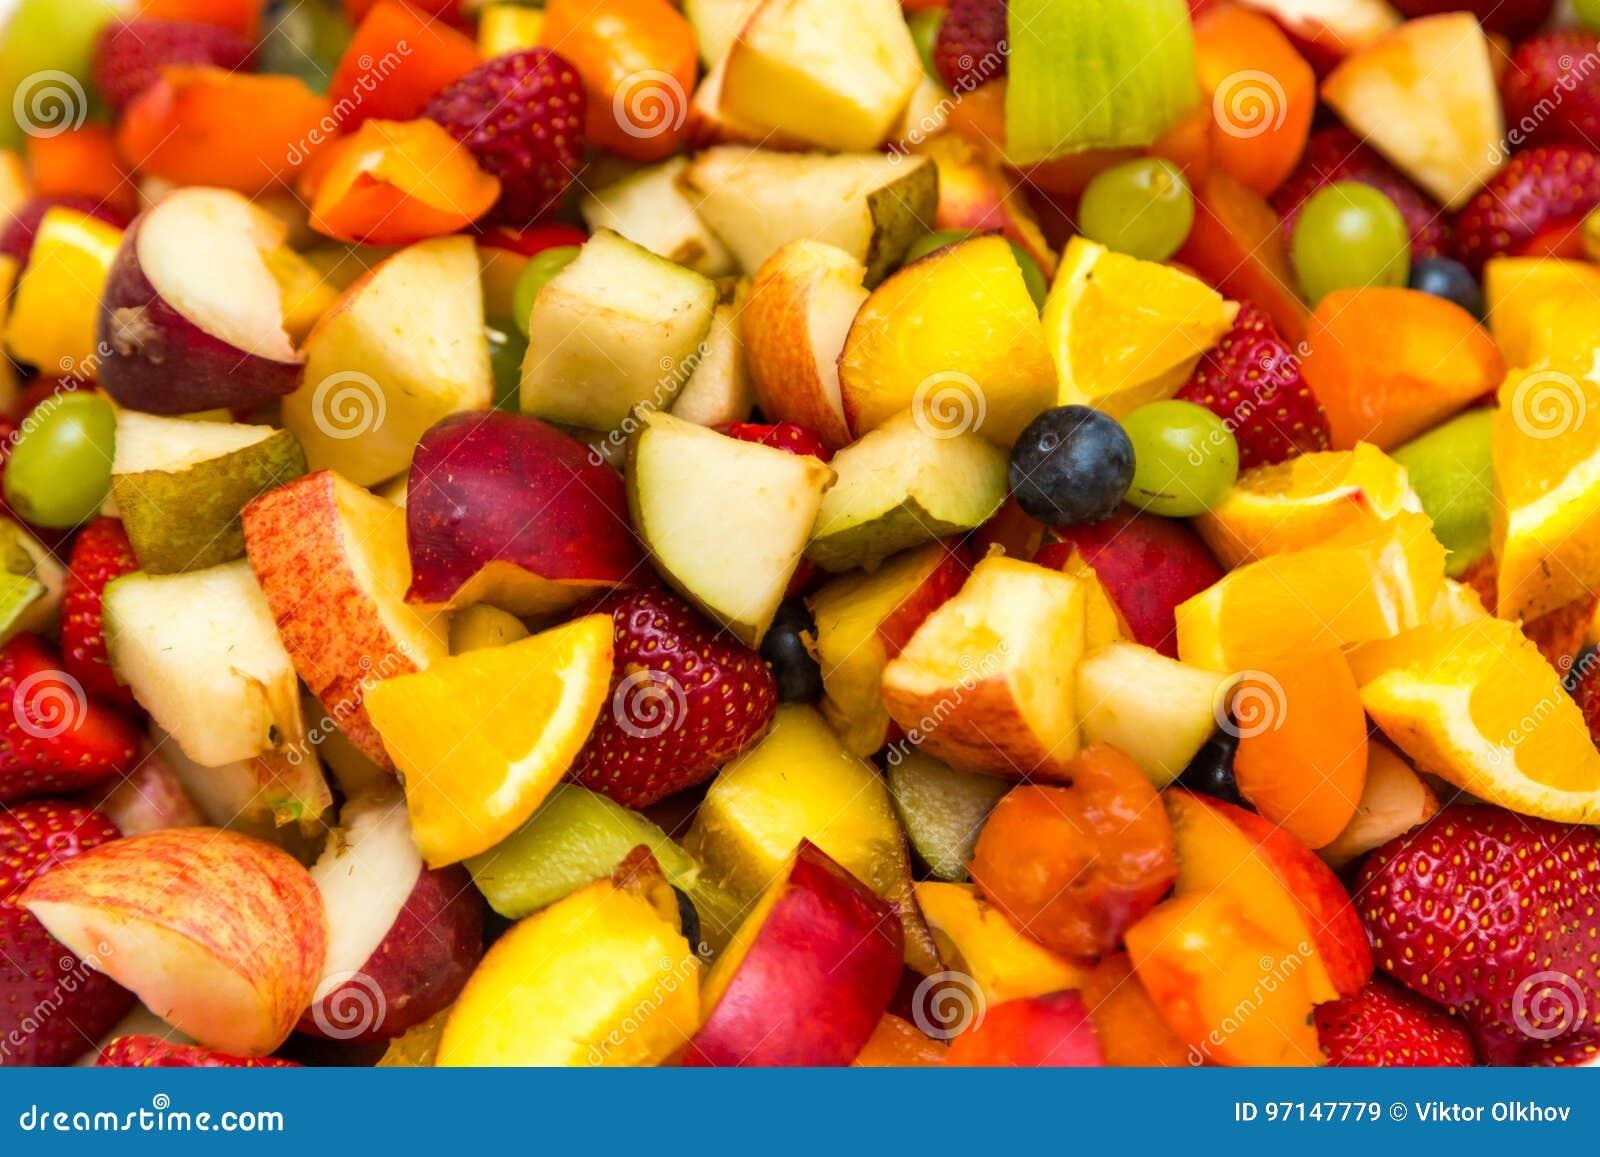 Salat Mit Frischen Fruchten Und Beeren Hintergrund Schussel Gesunder